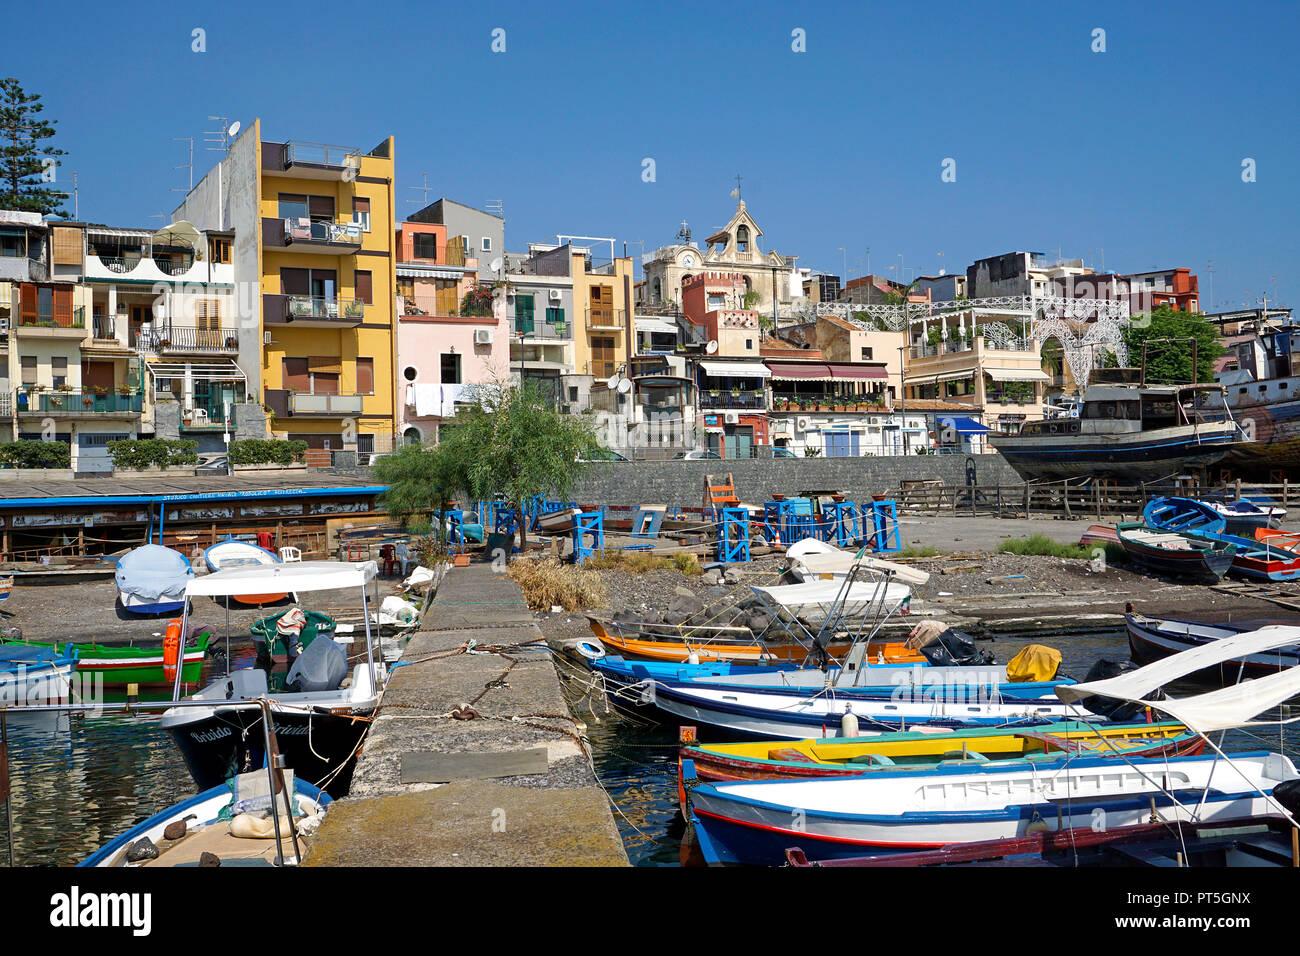 Puerto de pueblo pesquero Aci Trezza, comune de Aci Castello, Catania, Sicilia, Italia Imagen De Stock